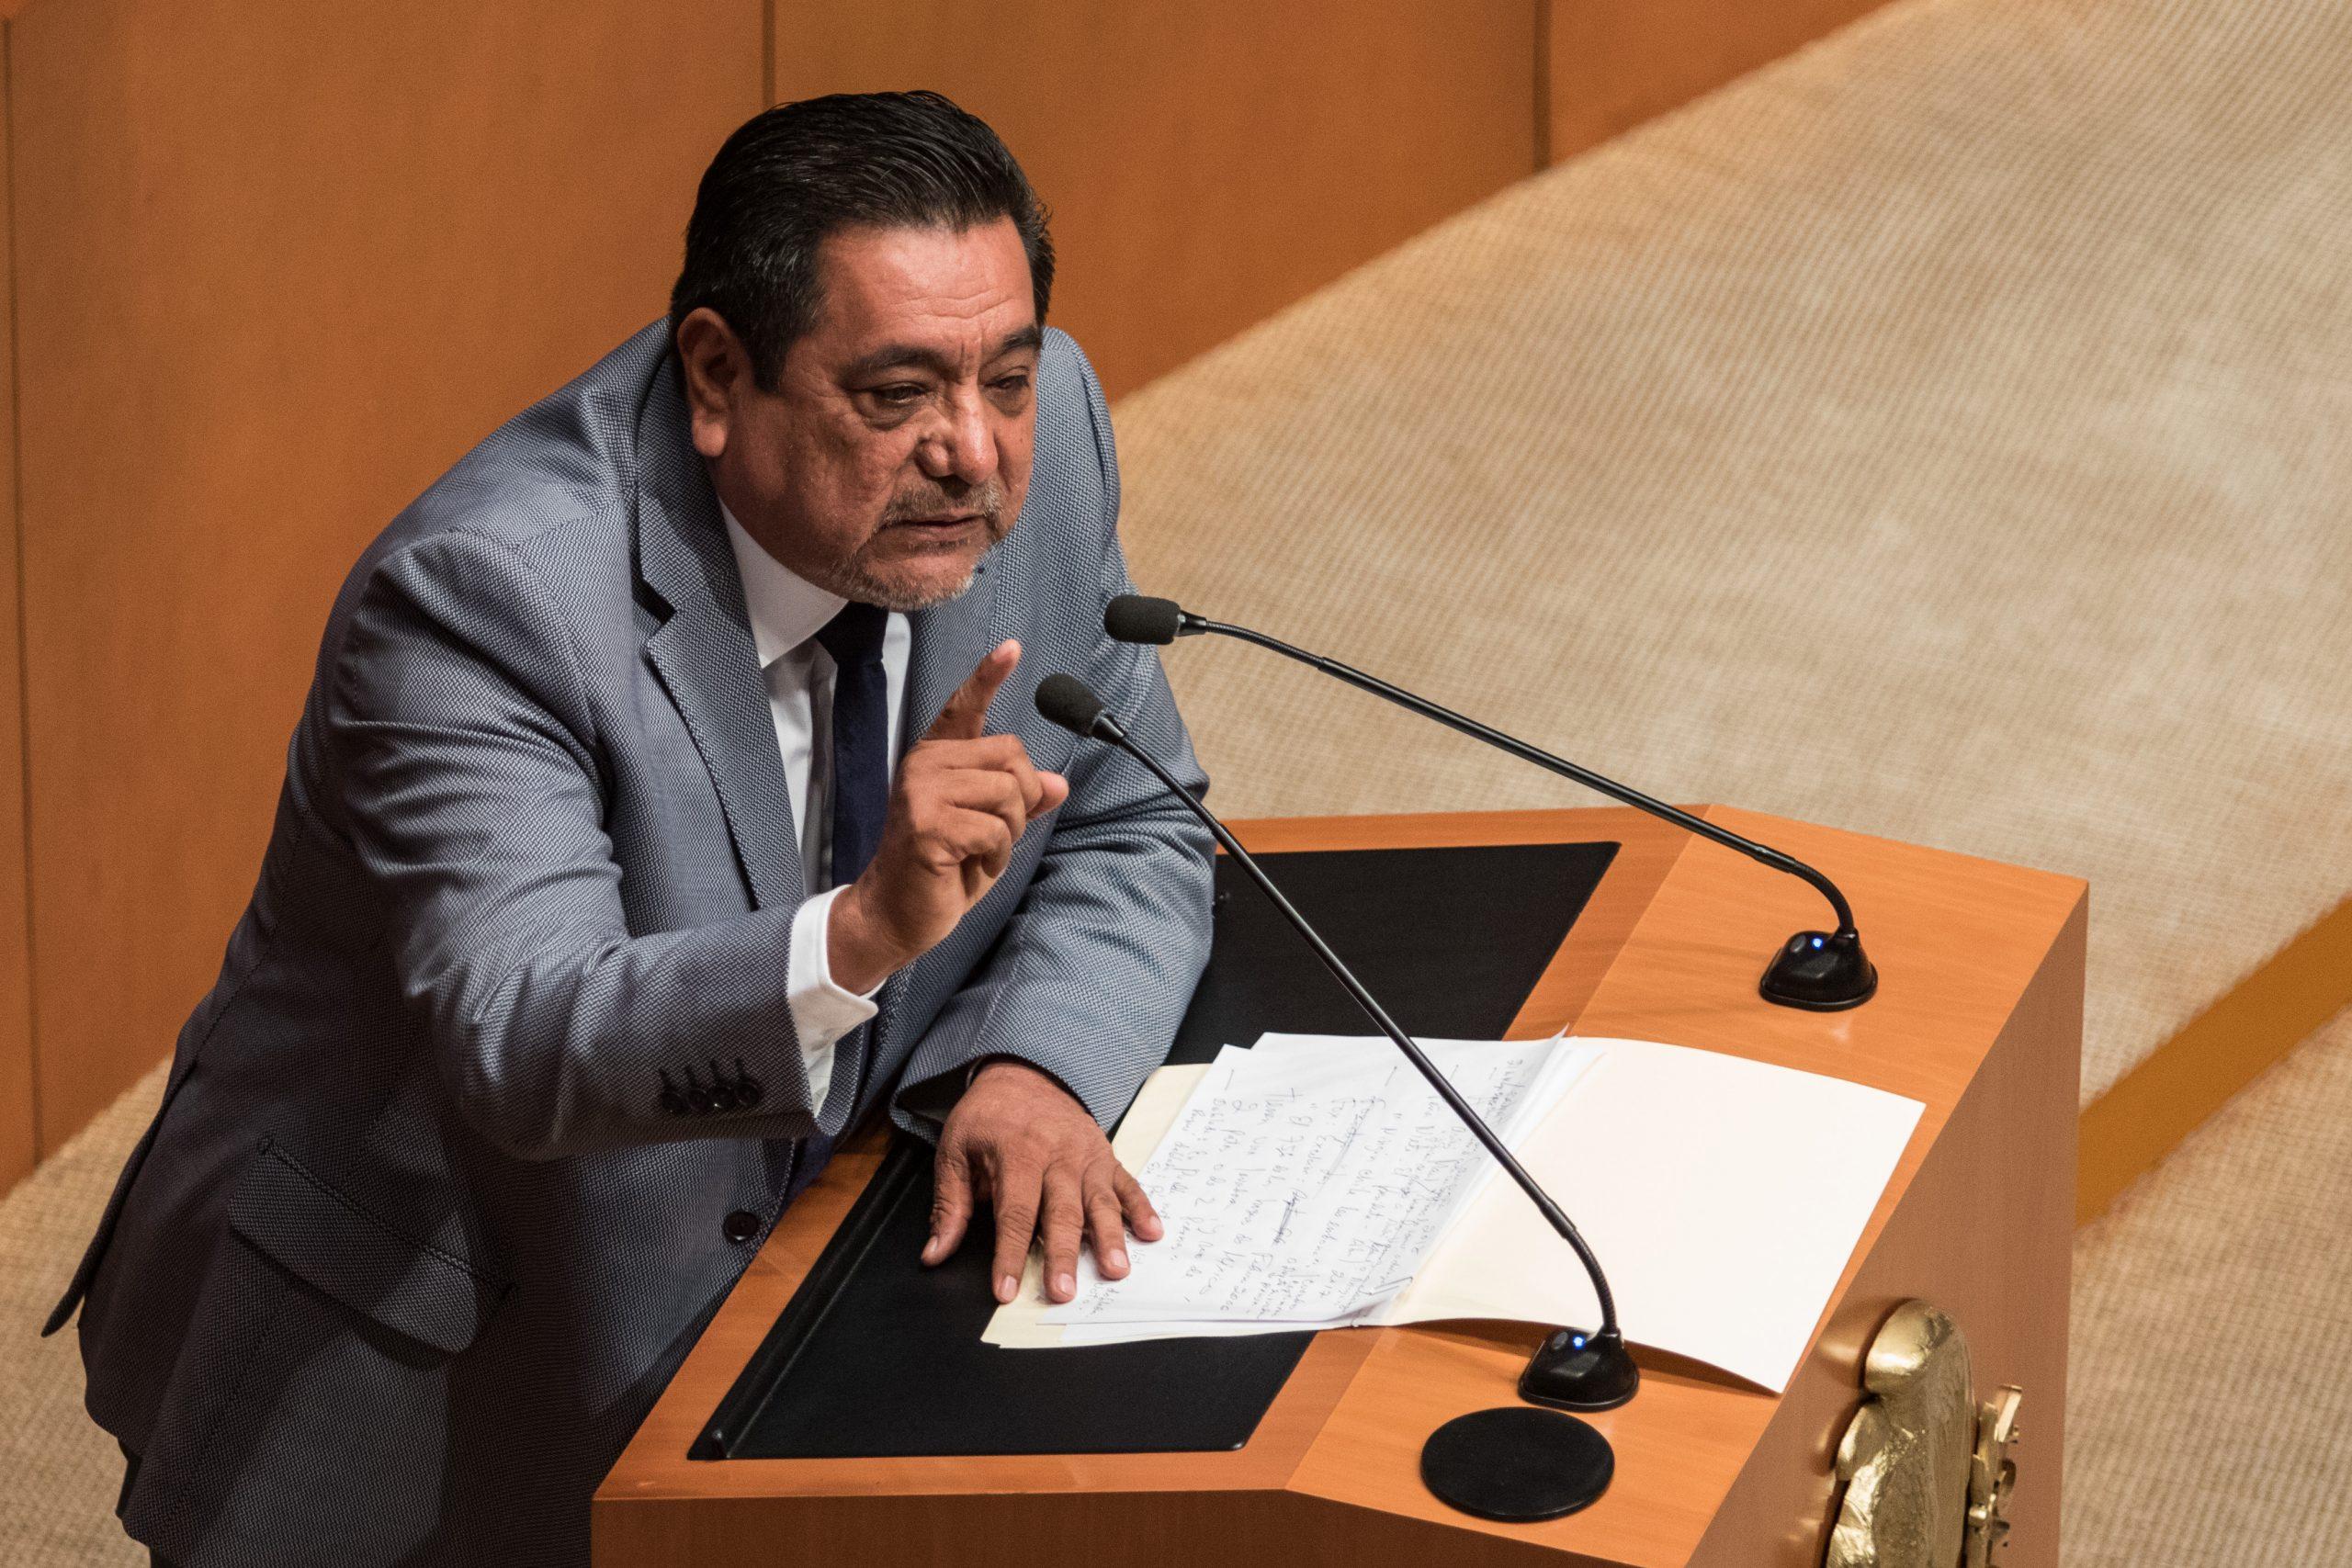 CIUDAD DE MÉXICO, 11DICIEMBRE2018.- Félix Salgado Macedonio, senador por Morena en el Senado de la República, durante su intervención en tribuna durante la sesión del pleno.